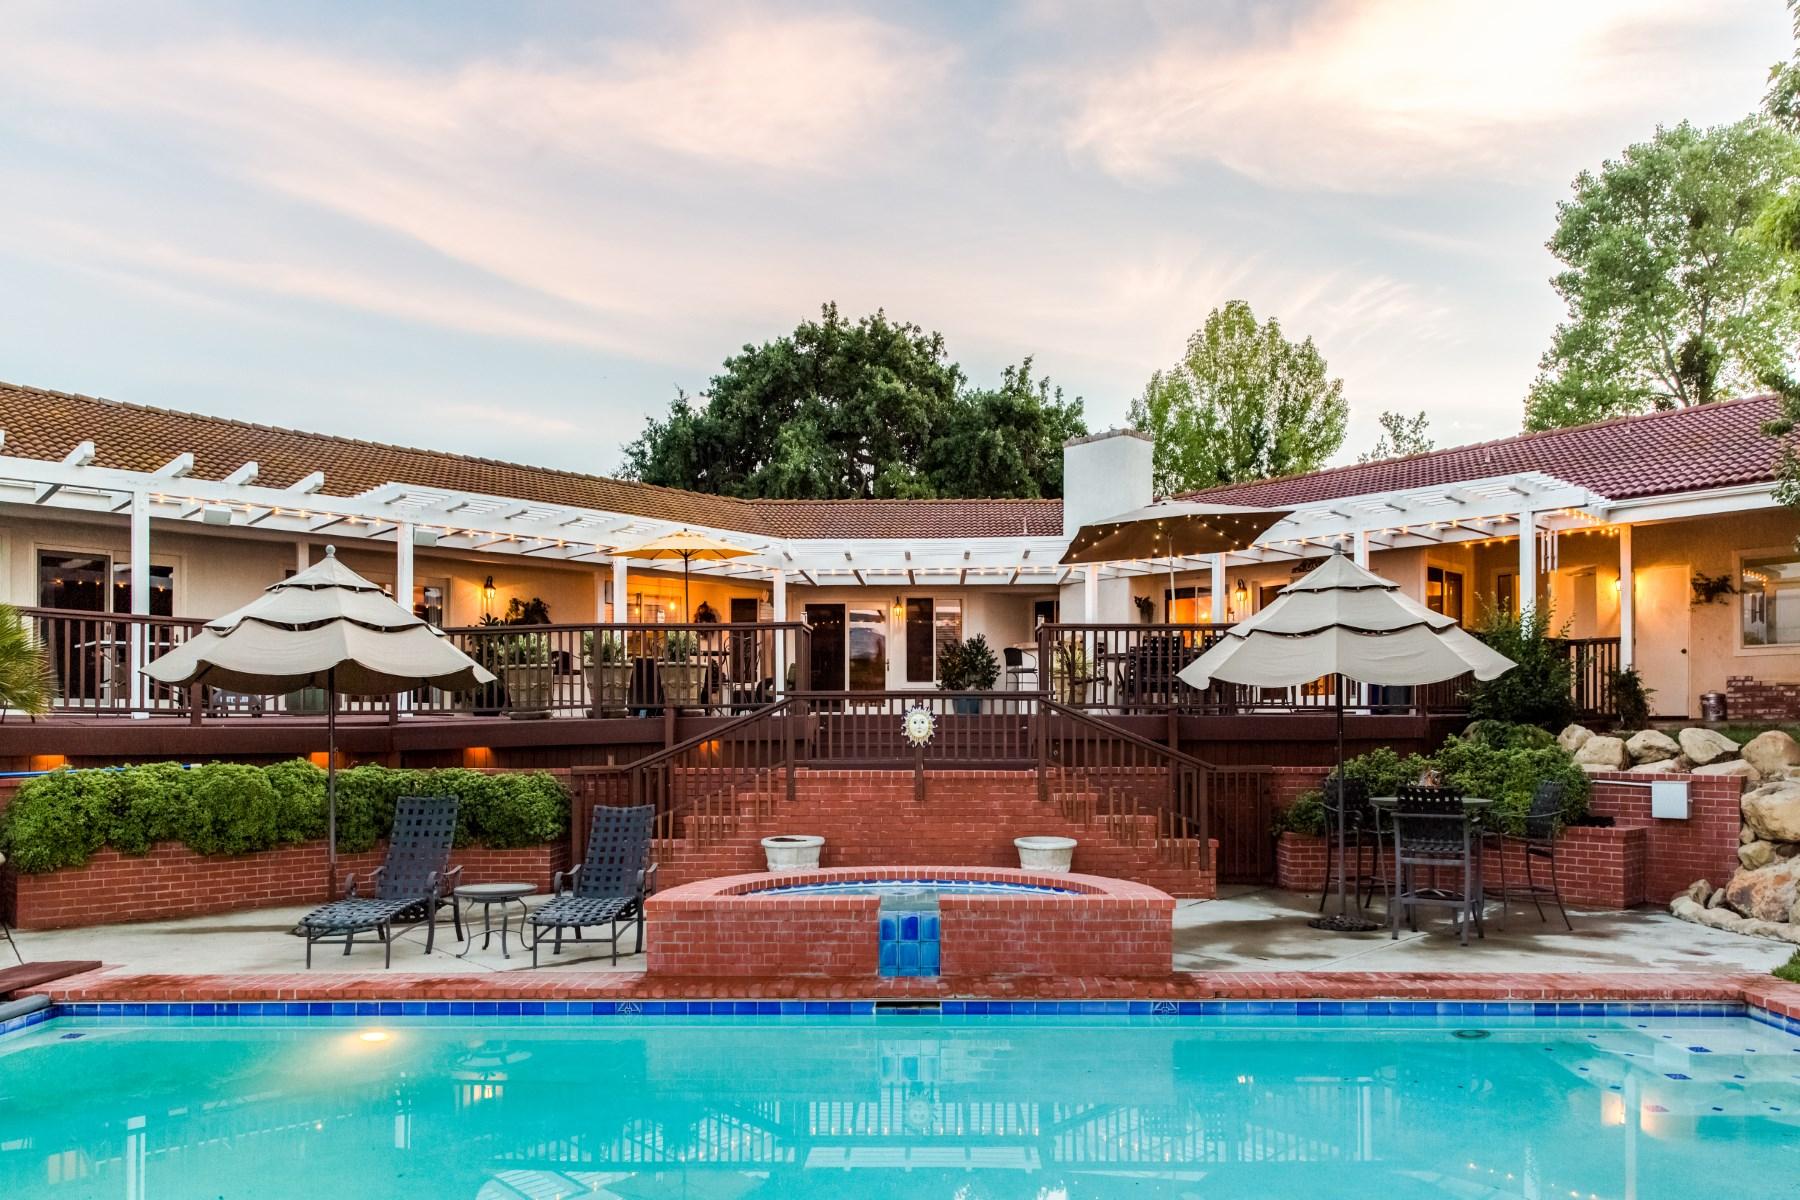 农场 / 牧场 / 种植园 为 销售 在 Ballard Oaks Ranch 2690 Monica Way 索夫昂, 加利福尼亚州, 93463 美国